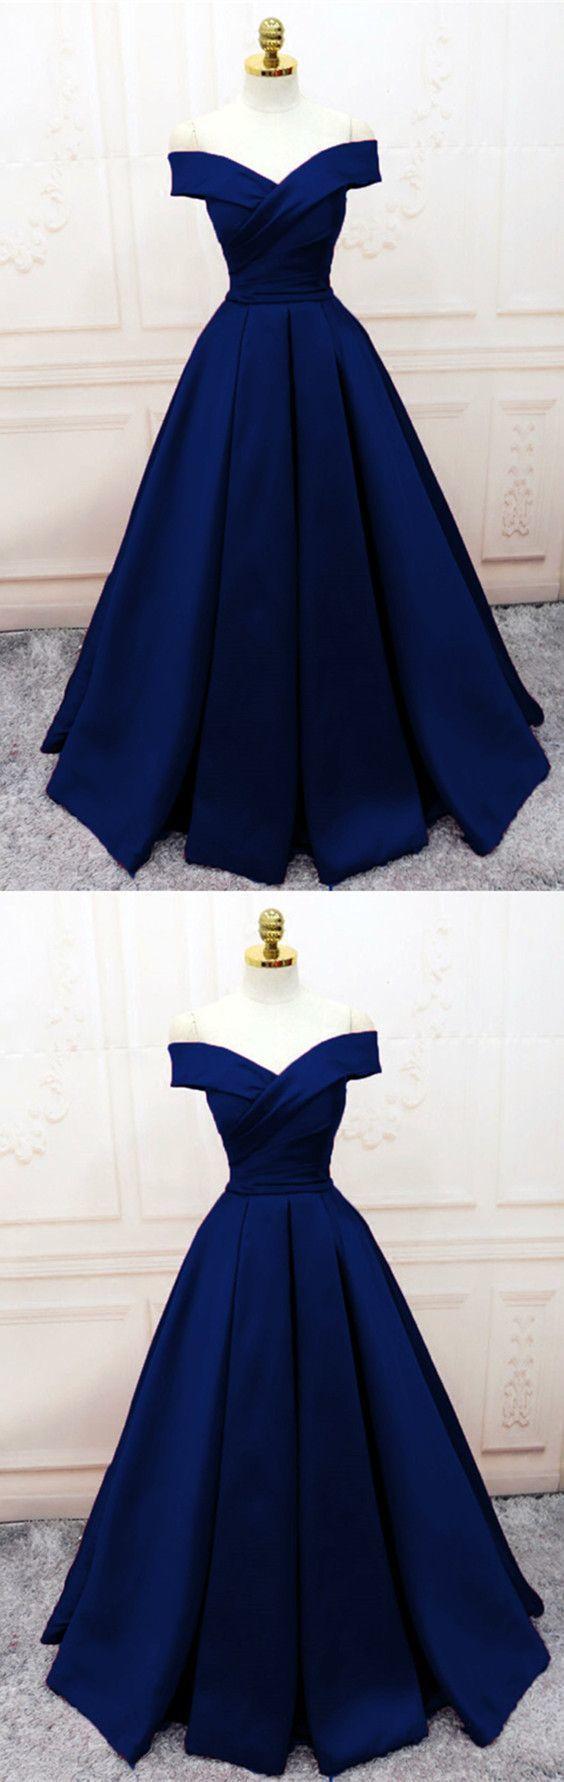 Navy Blue Satin V-neck Off Shoulder Prom Dresses Long Evening Gowns